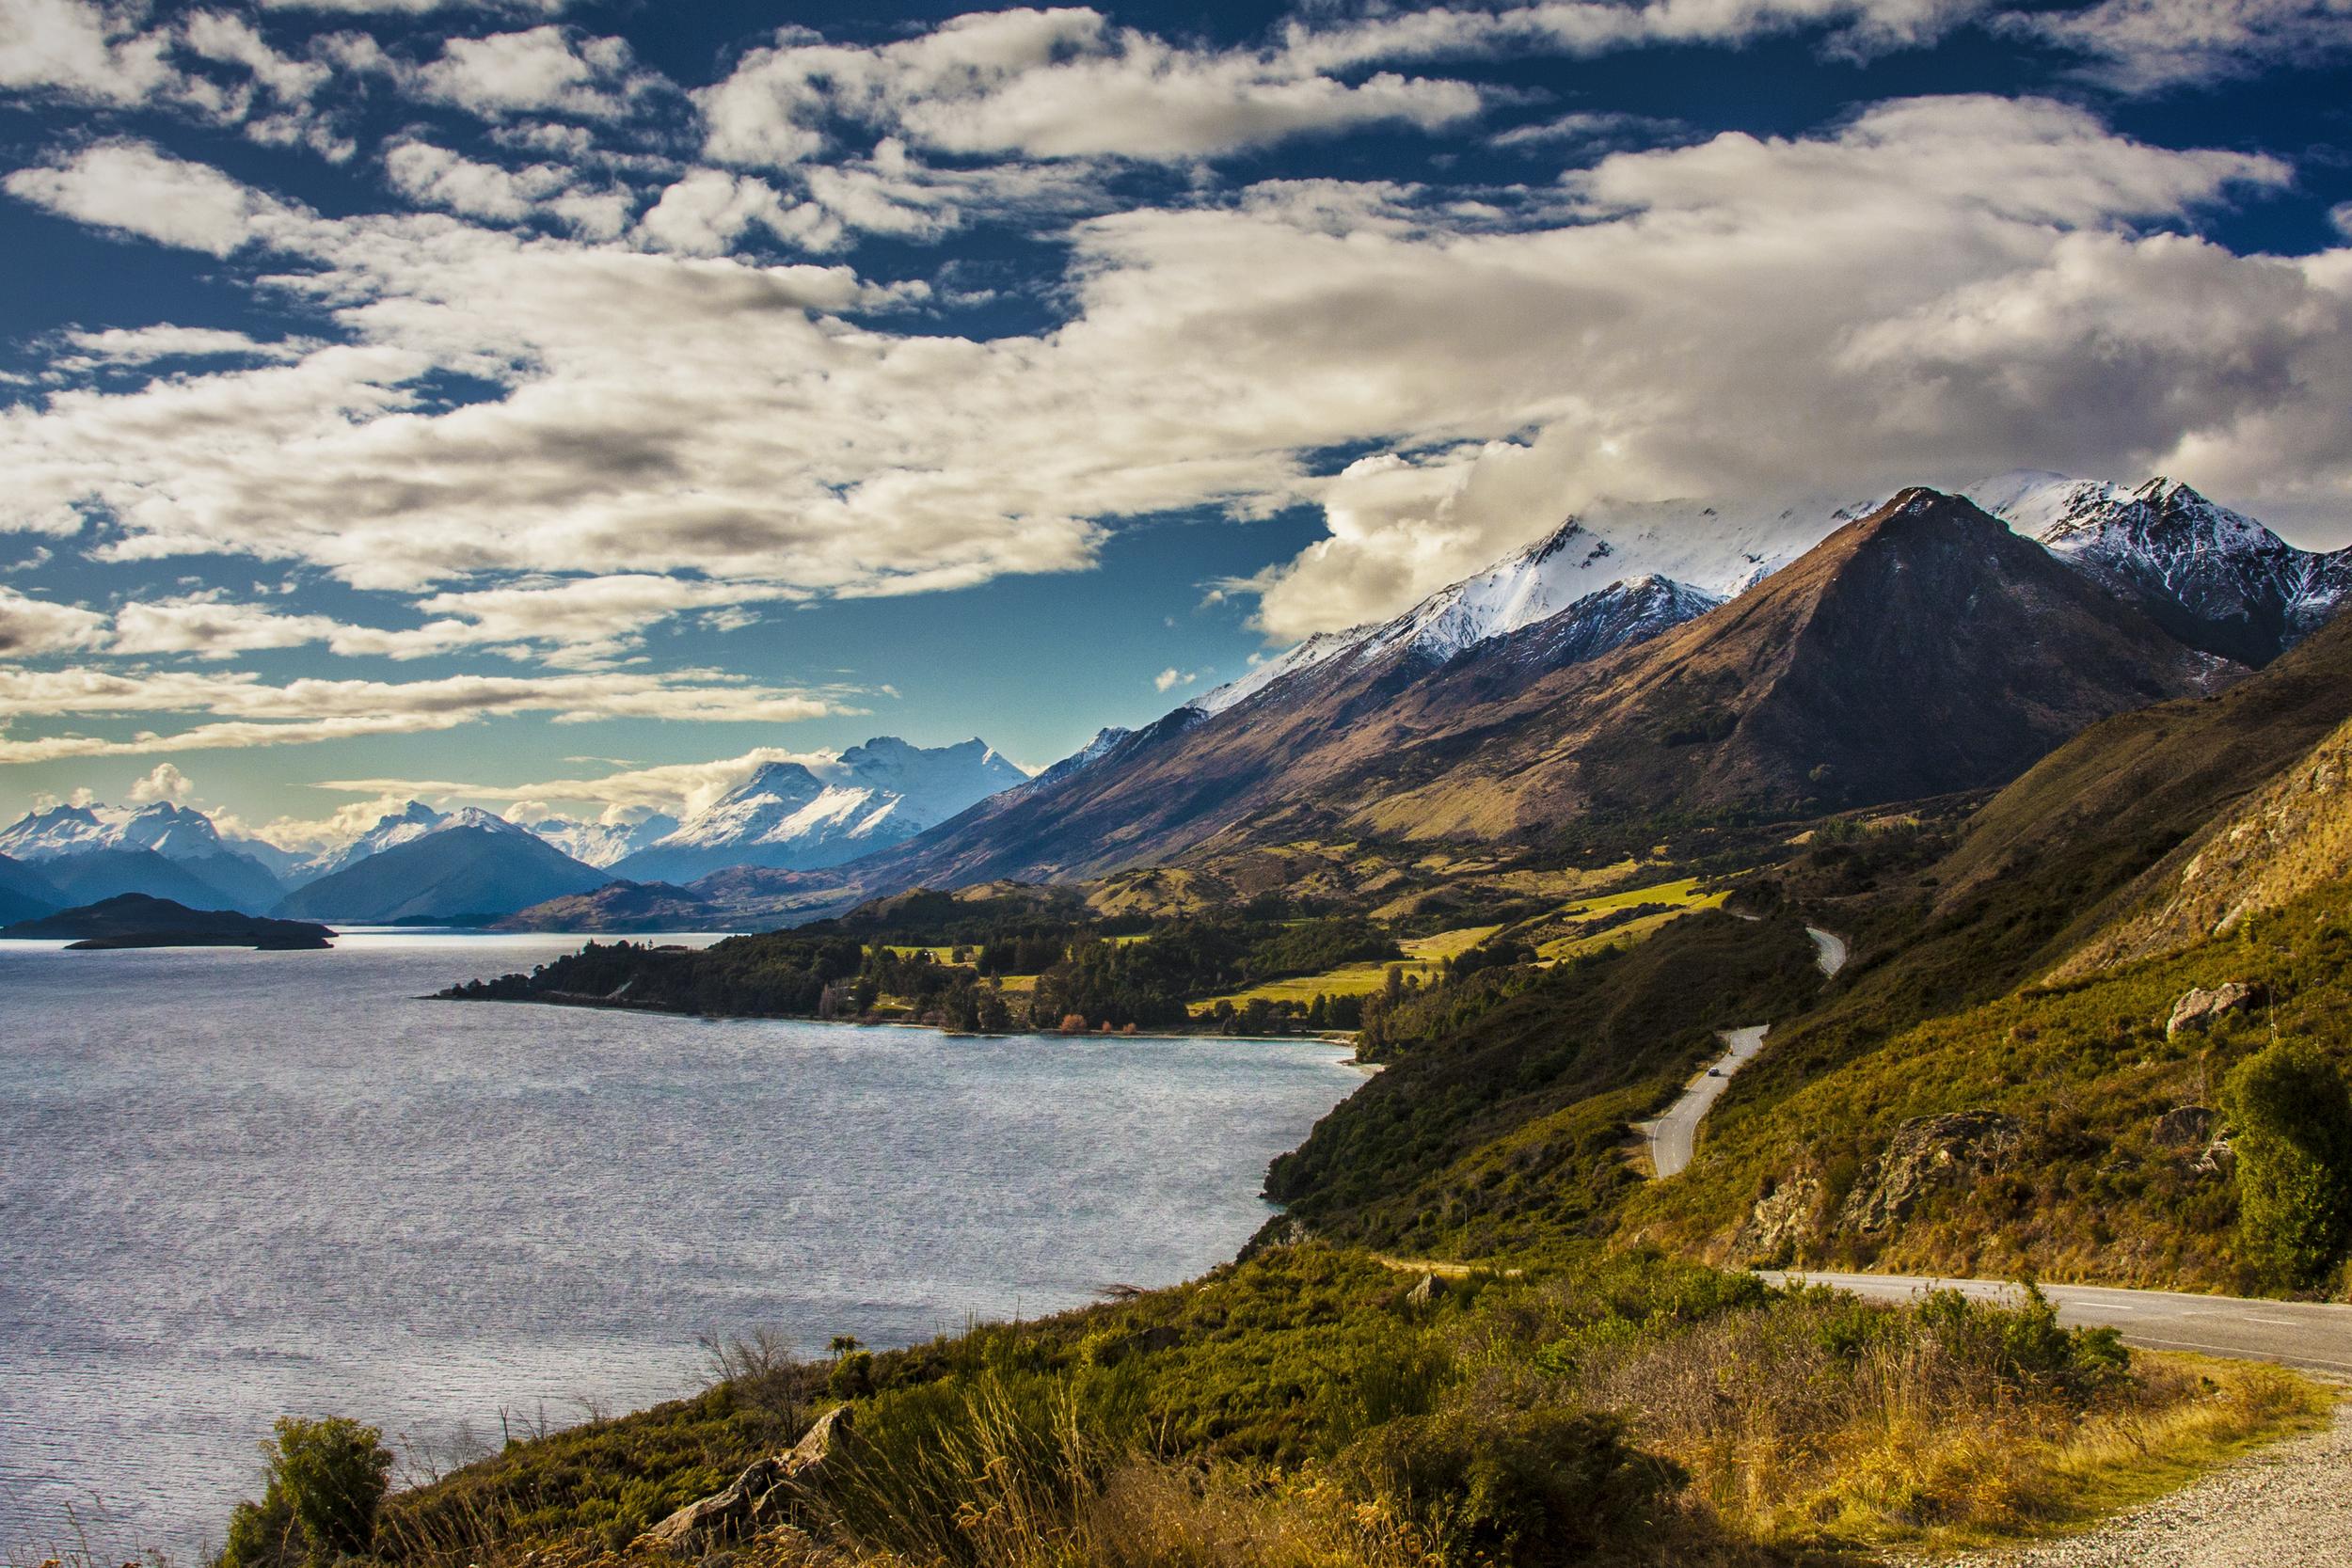 New Zealand Road_Steven Holleran_Cinematographer